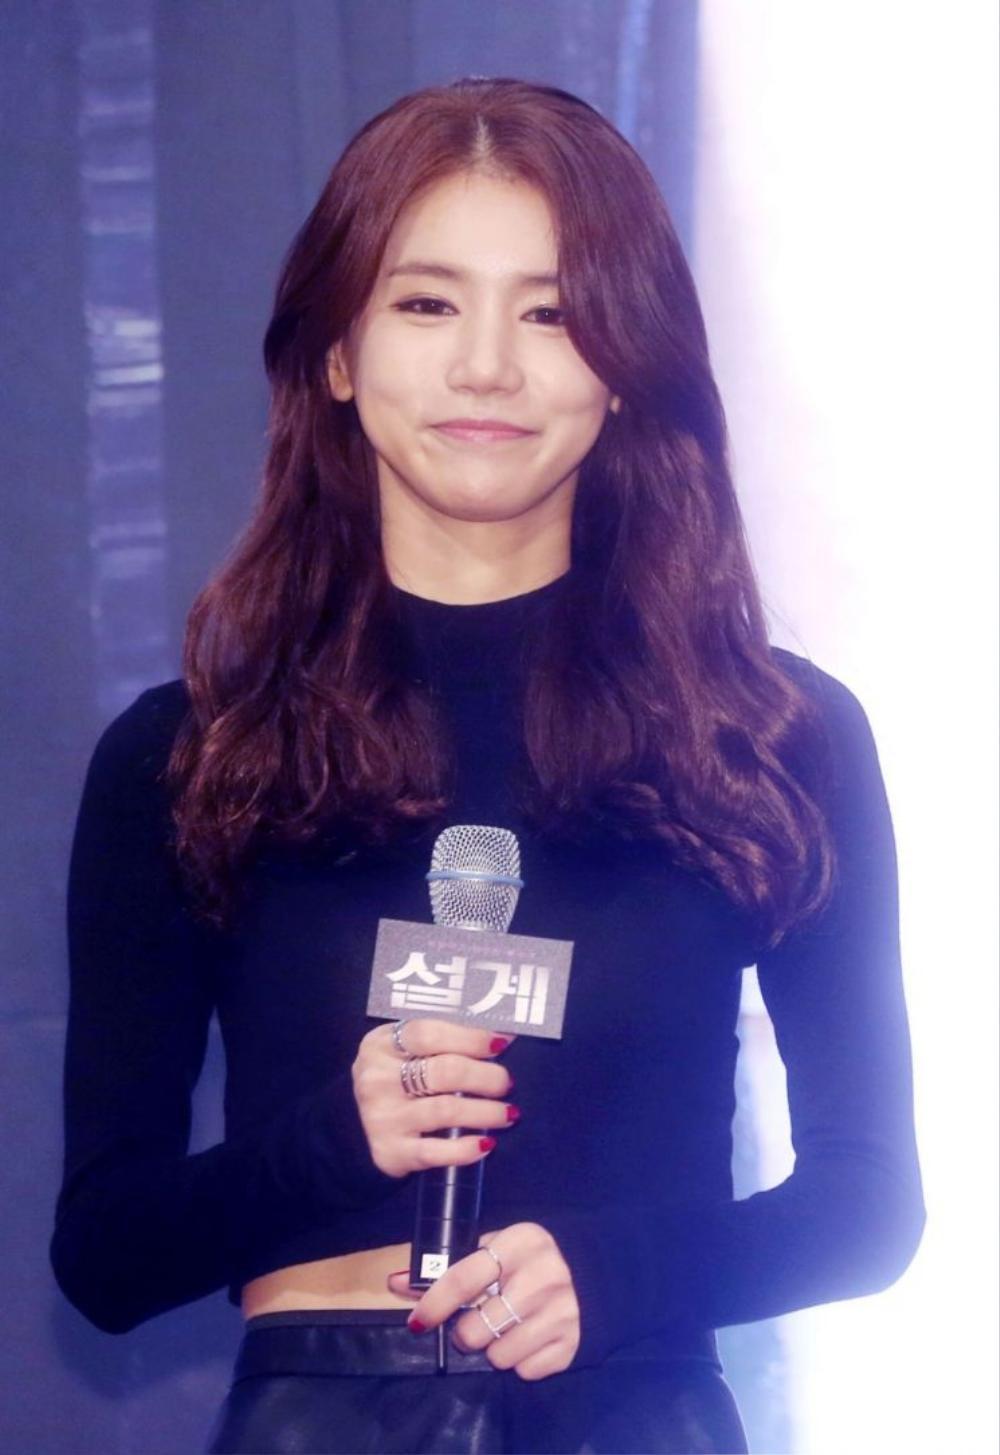 HOT: Diễn viên Oh In Hye qua đời sau khi tự tử tại nhà riêng Ảnh 6